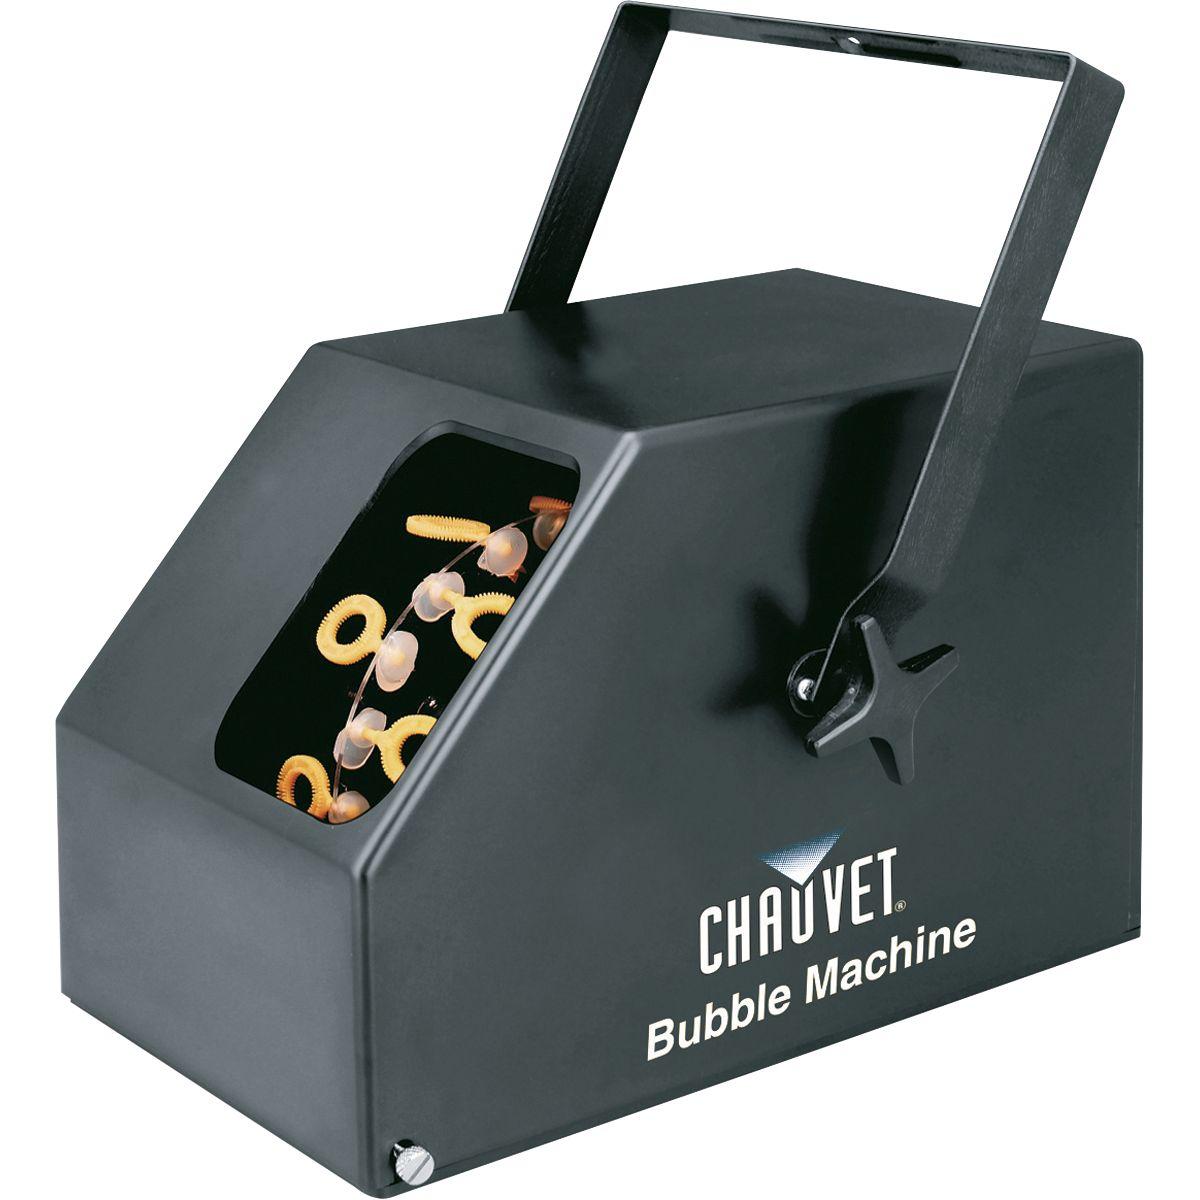 Machine CHAUVET BUBBLE (photo)